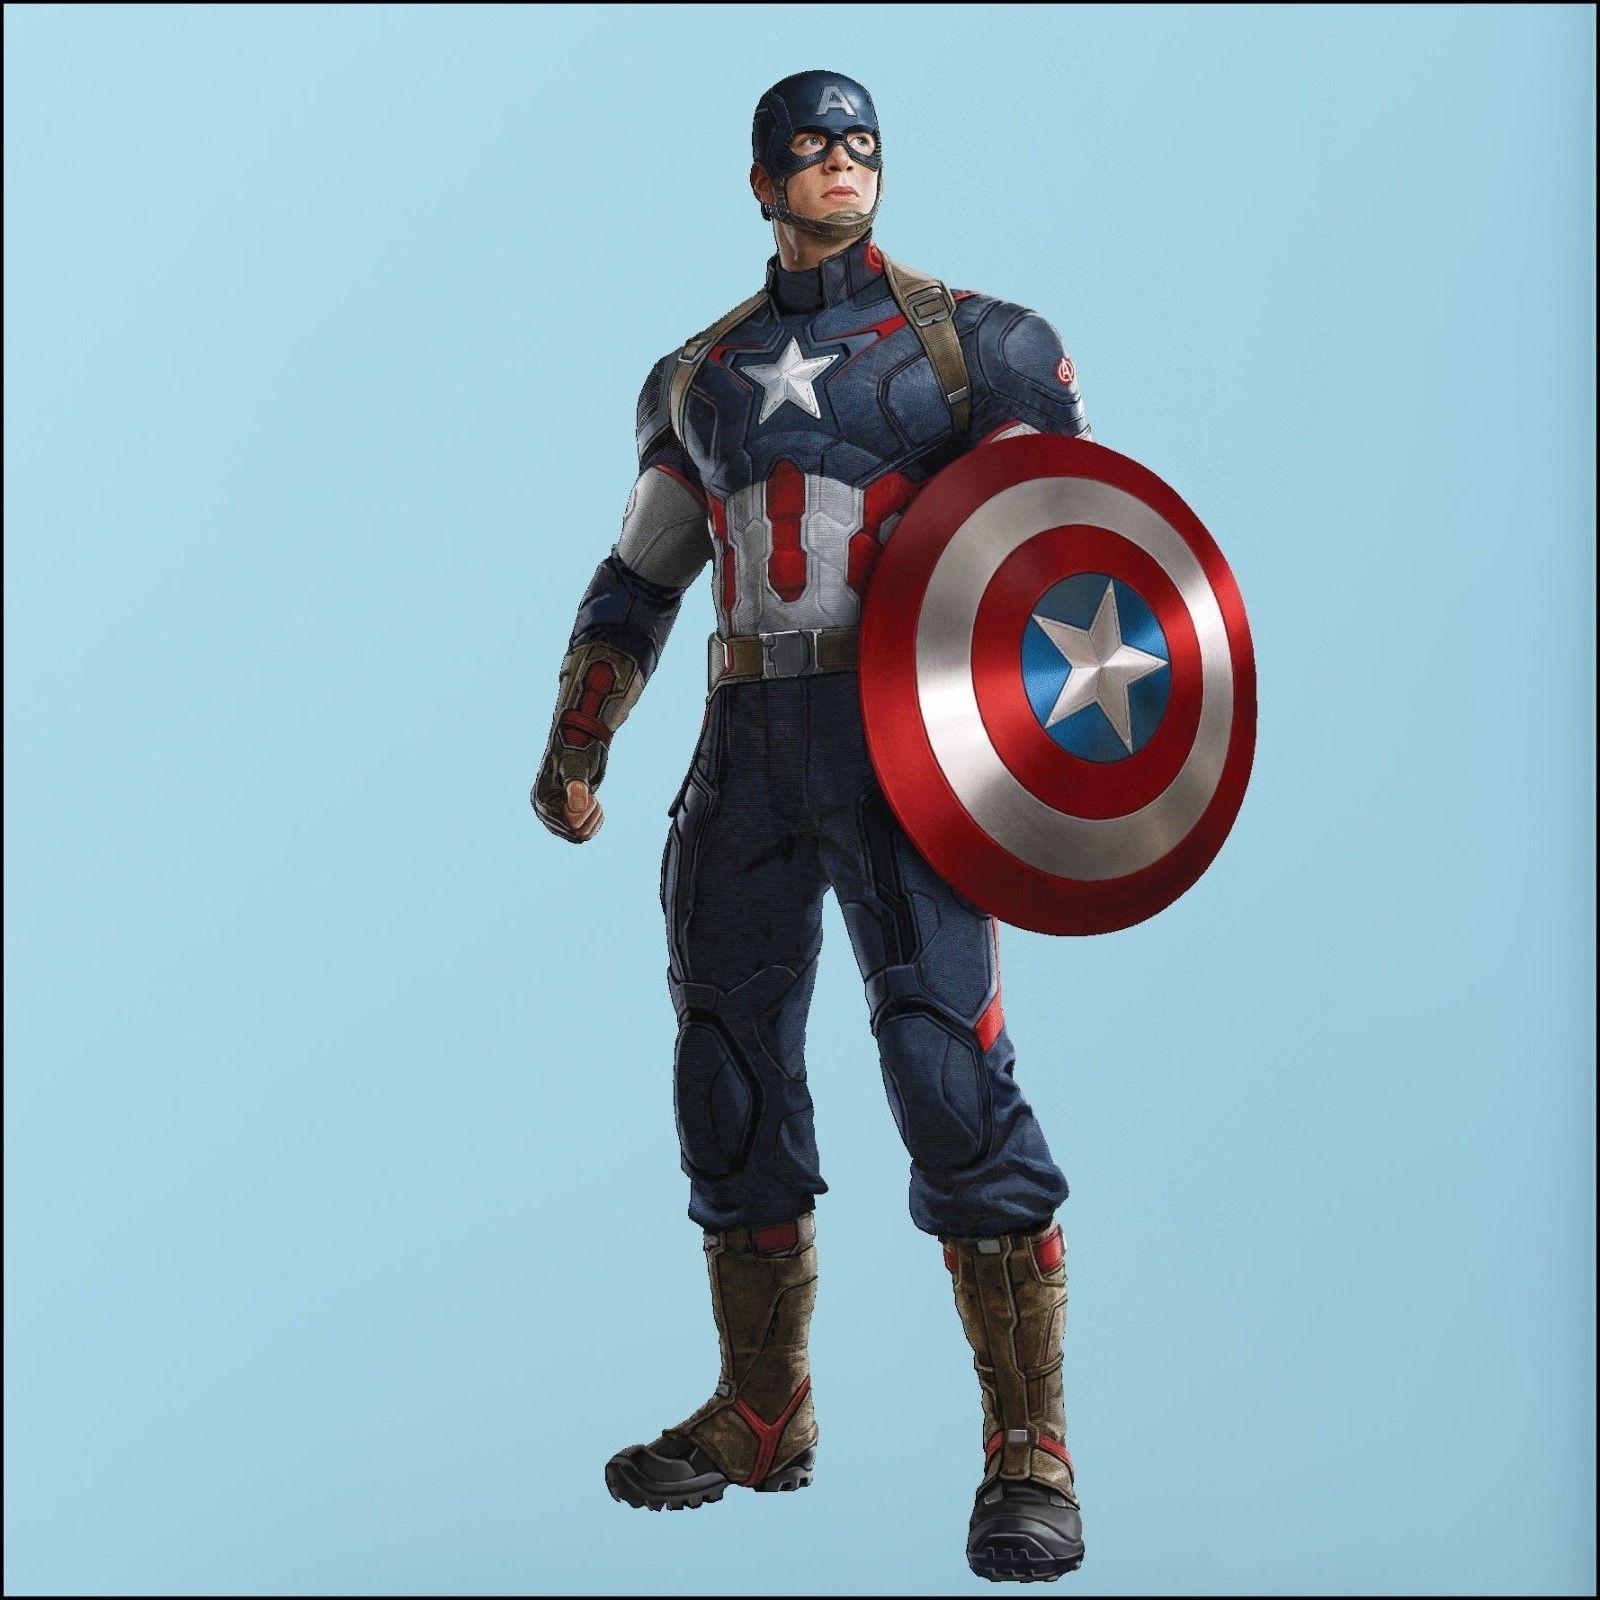 Captain America Avengers Photo Quality 3d Wall Sticker Art Mural Regarding Popular Avengers 3d Wall Art (View 10 of 15)